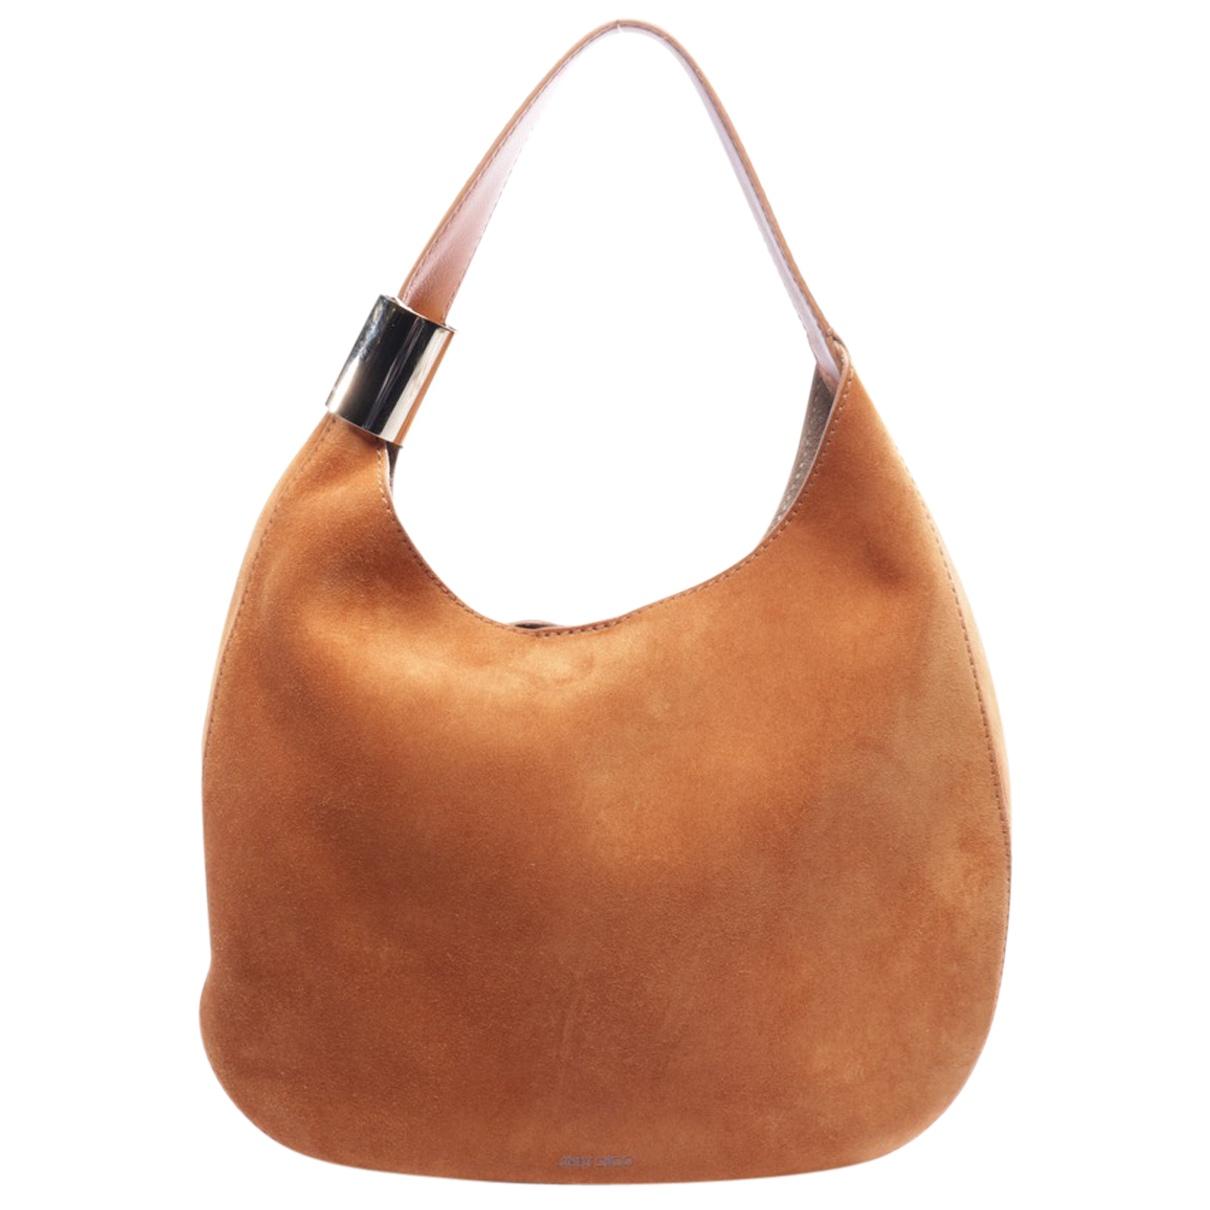 Jimmy Choo N Brown Leather handbag for Women N